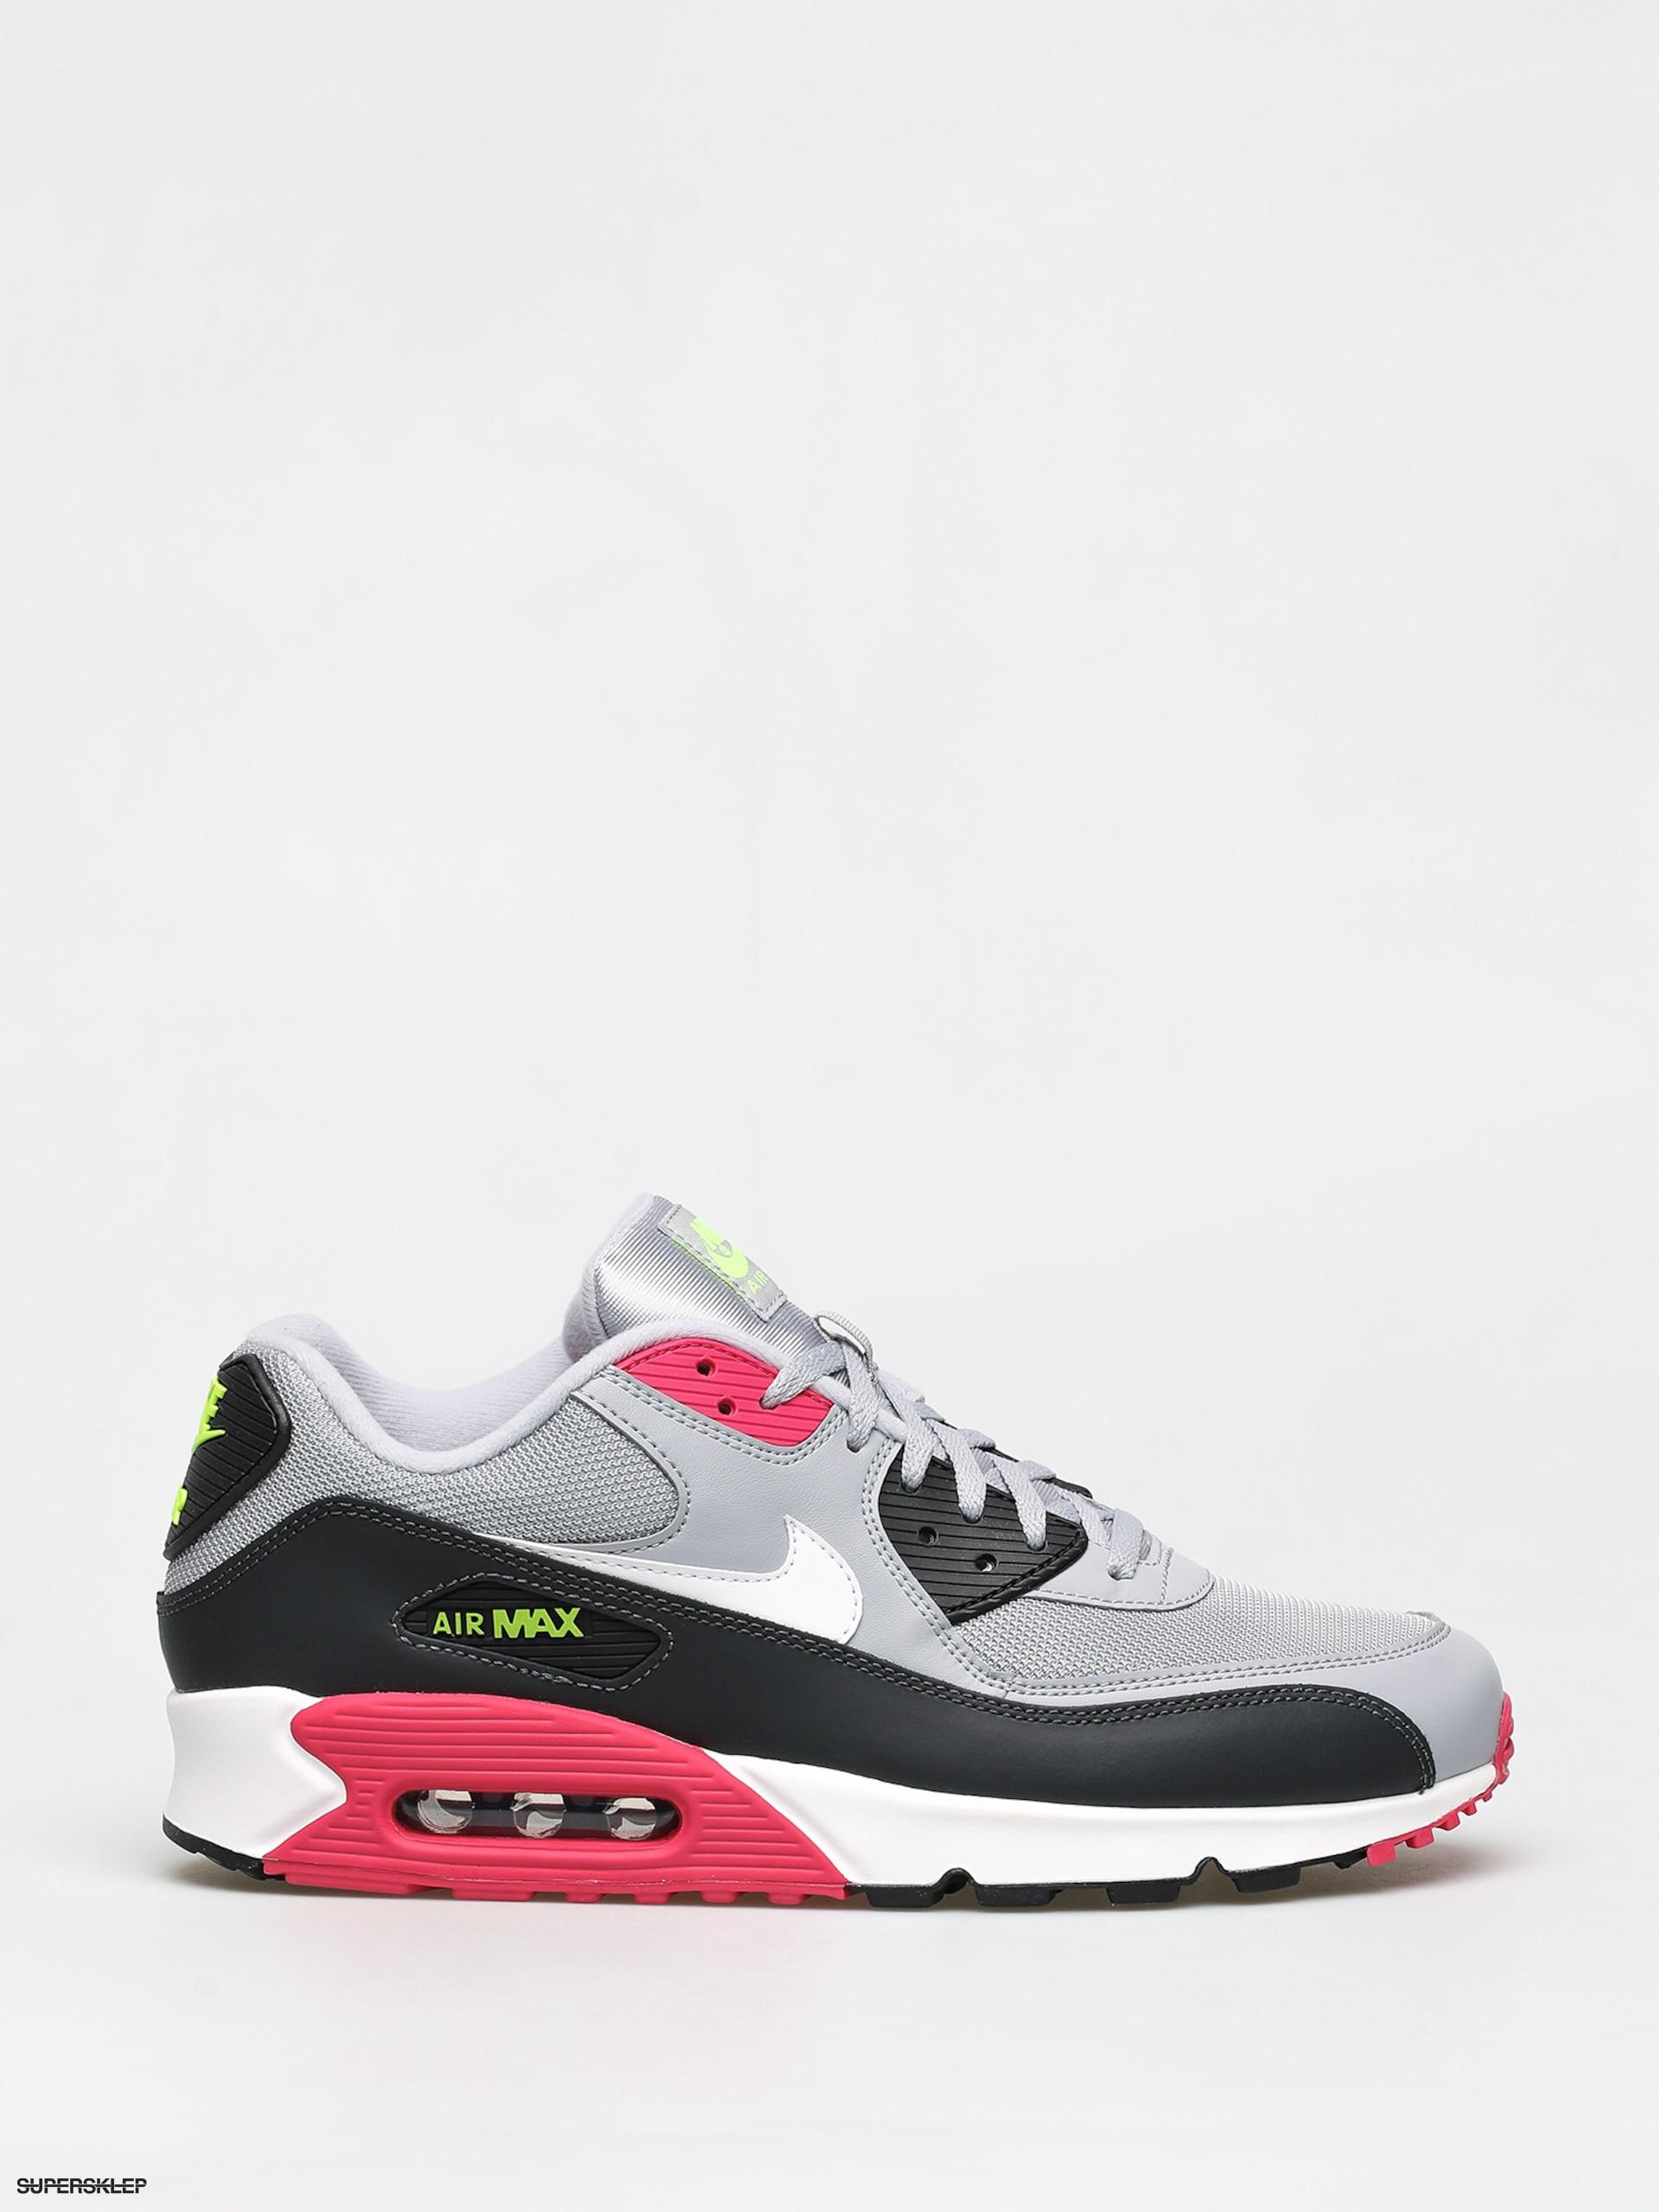 nike air max gray pink